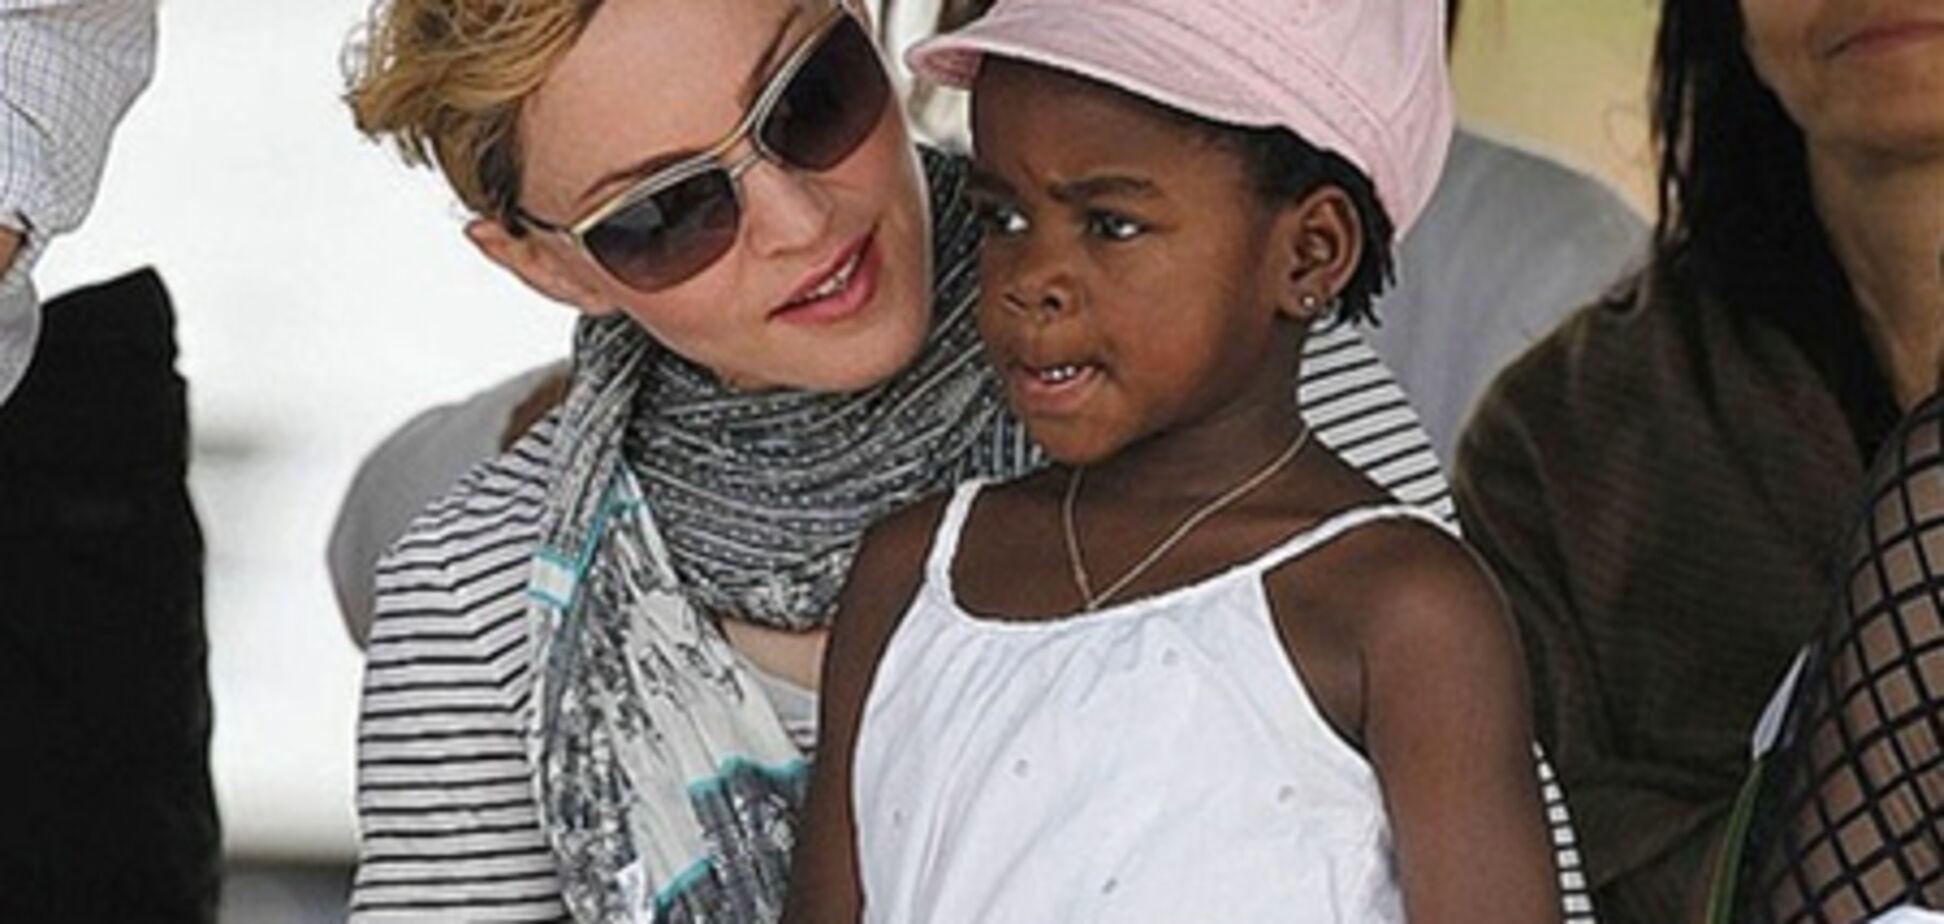 Дочь Мадонны охраняют 3 телохранителя